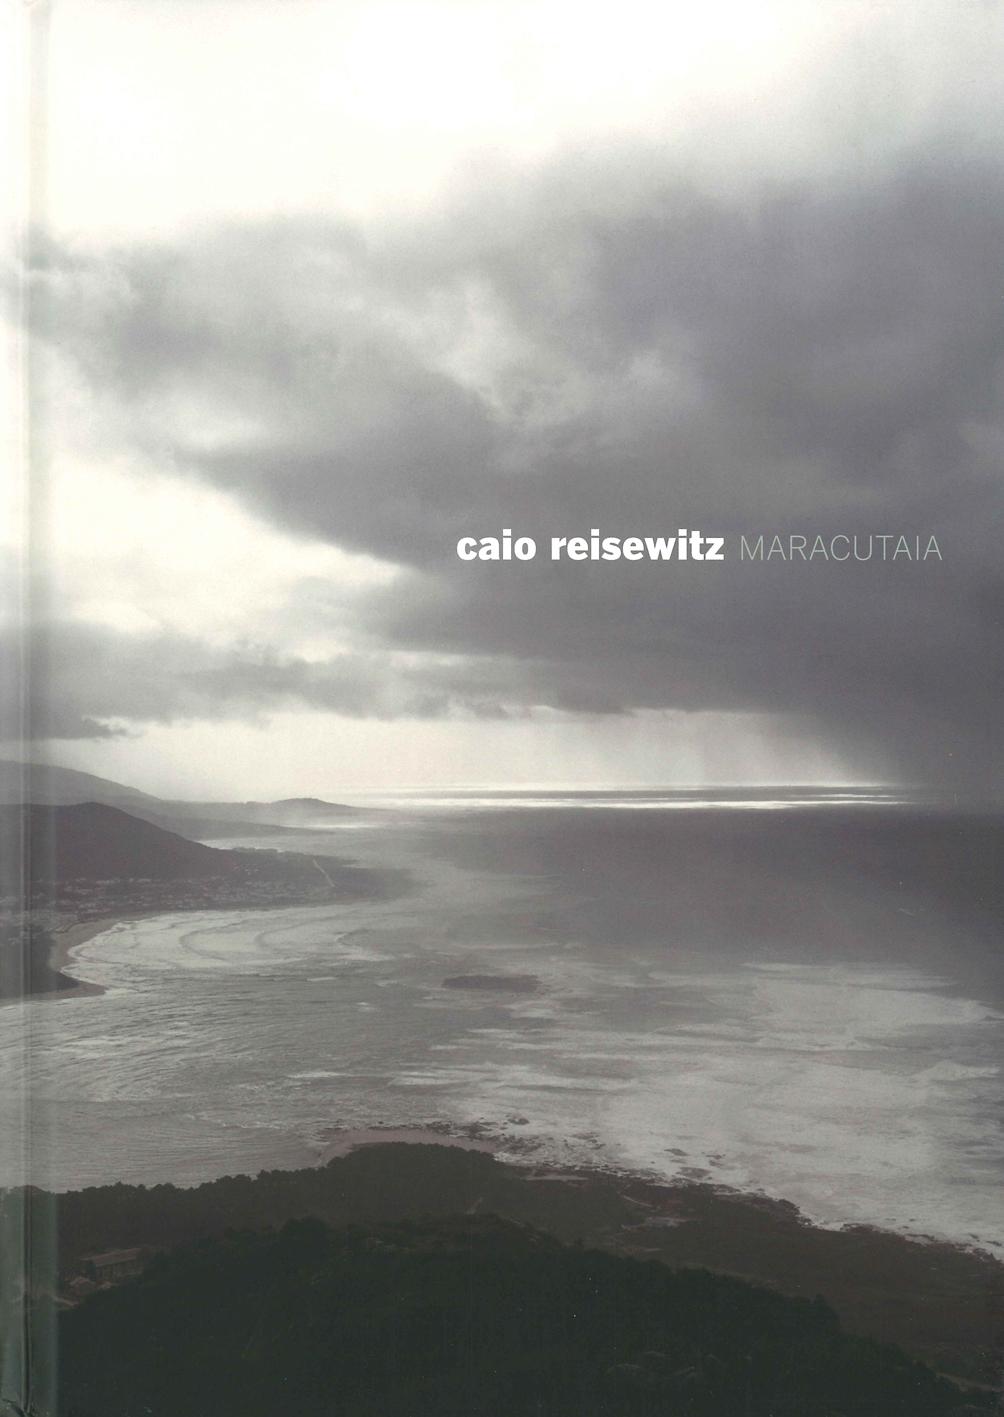 Caio Reisewitz. Maracutaia